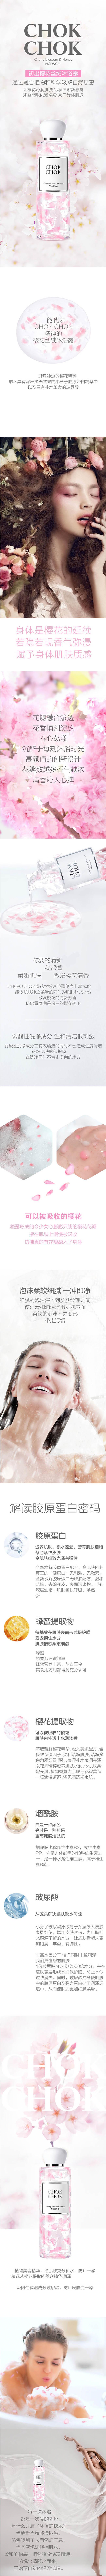 韩国CHOK CHOK初出樱花丝绒沐浴露250ml-1.jpg